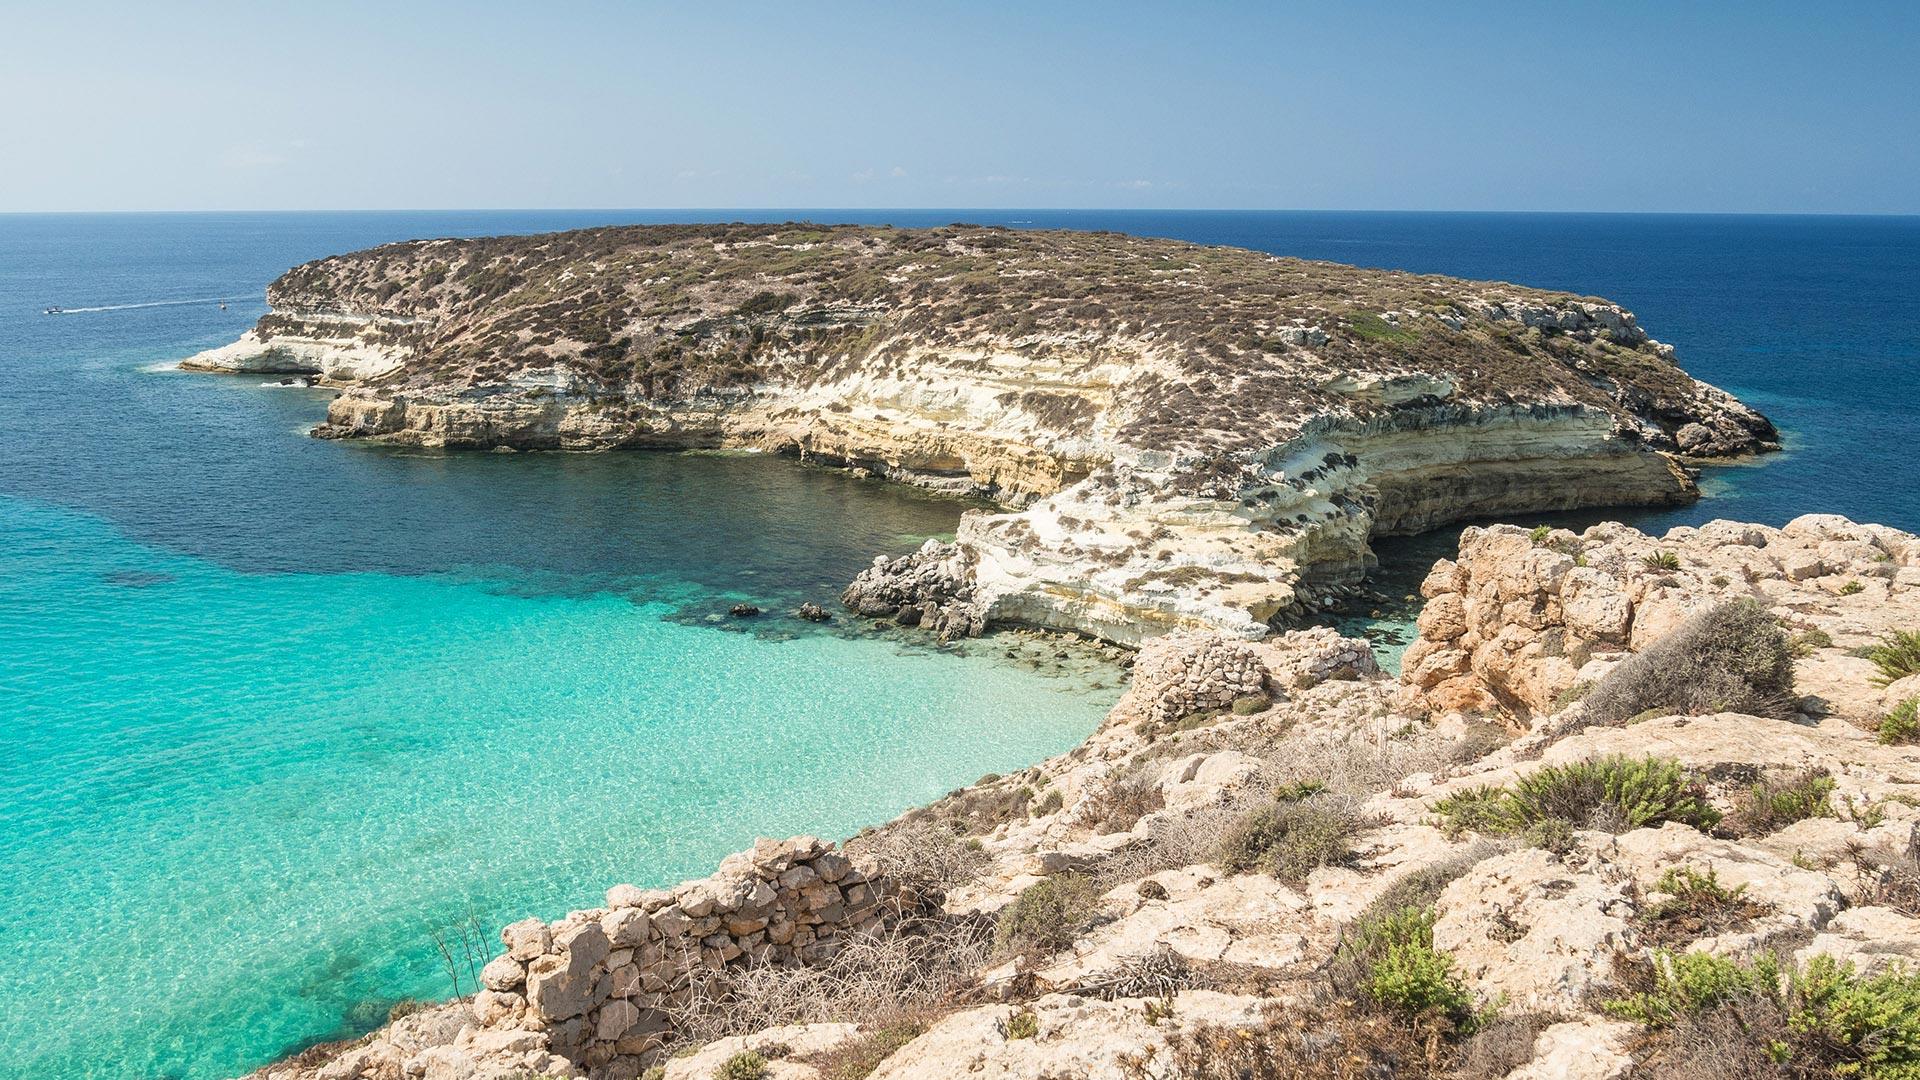 Matrimonio Spiaggia Lampedusa : Cala palme vacanza mare spiagge relax a lampedusa